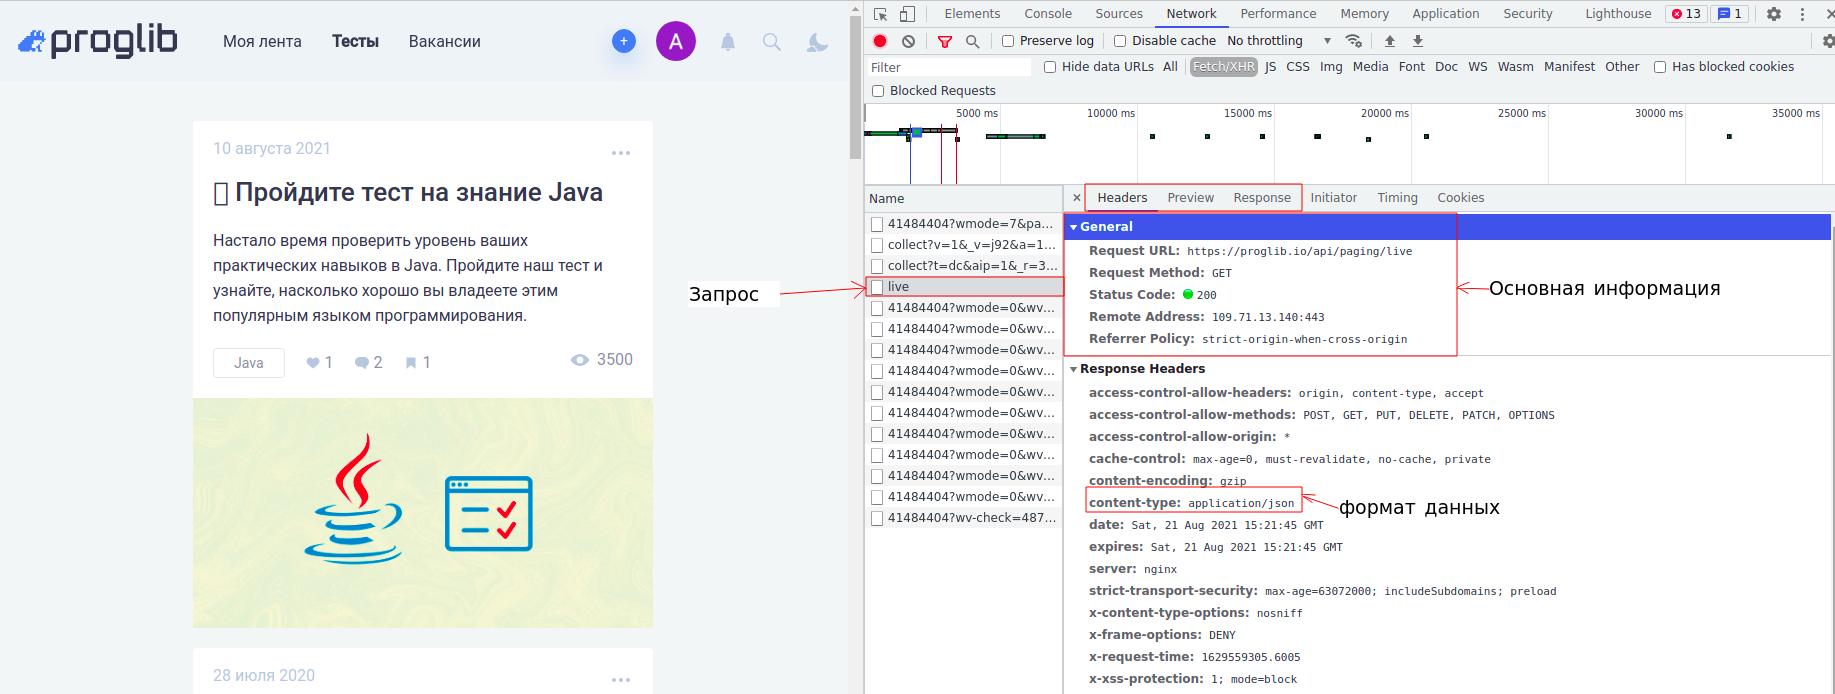 Скриншот браузера с открытой devtools.